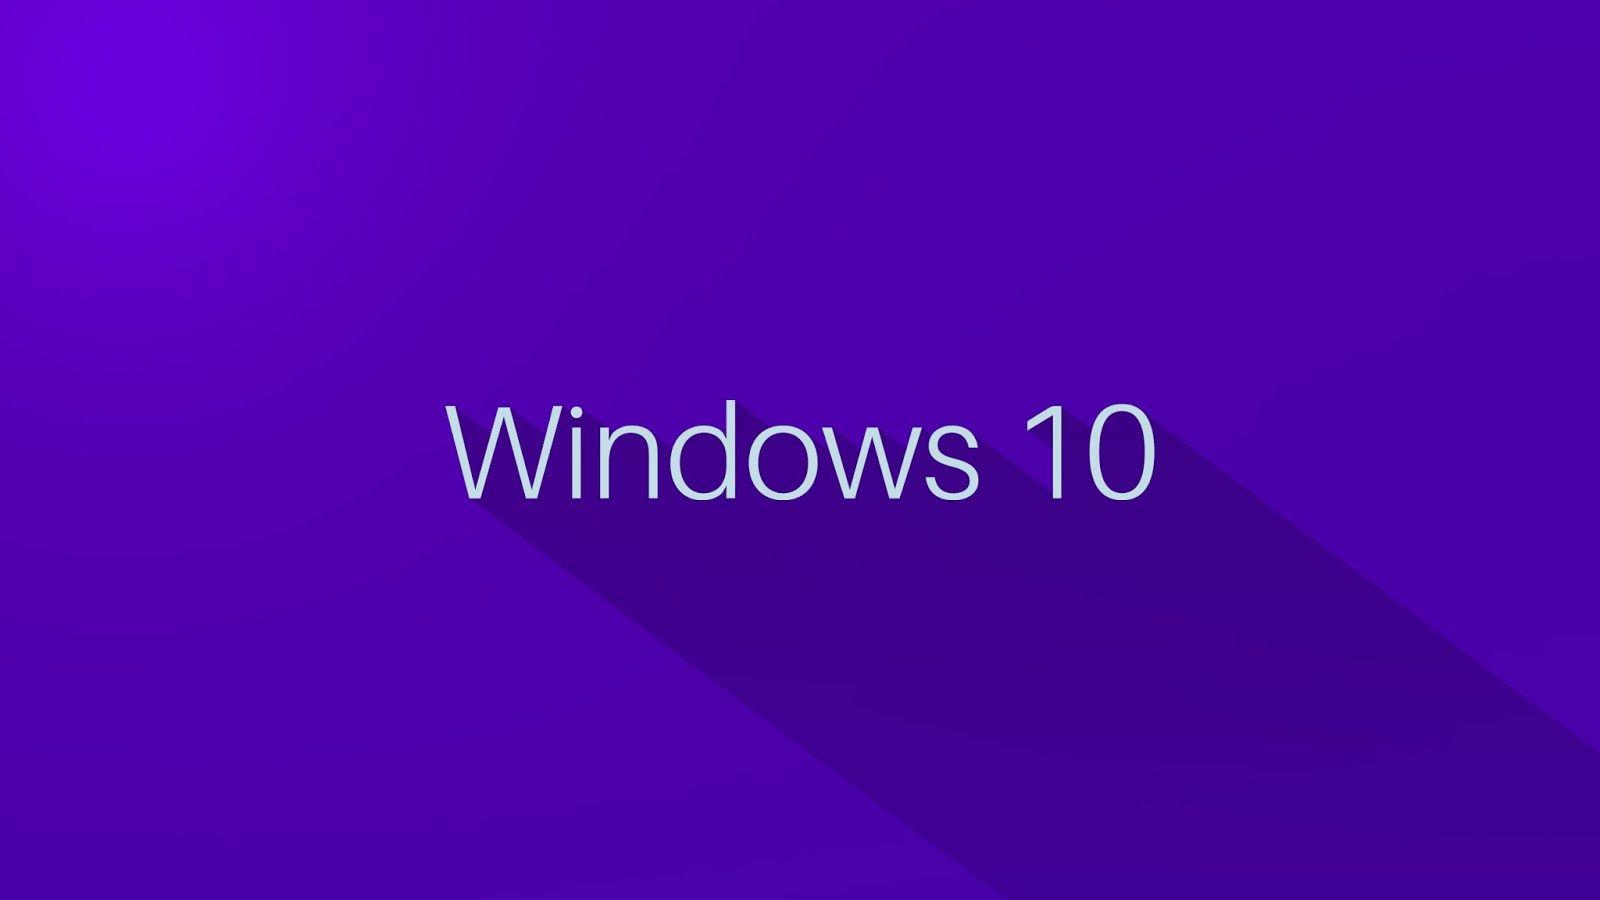 Windows 10 Walpaper Wallpaper Windows 10 Windows Wallpaper Desktop Wallpapers Backgrounds